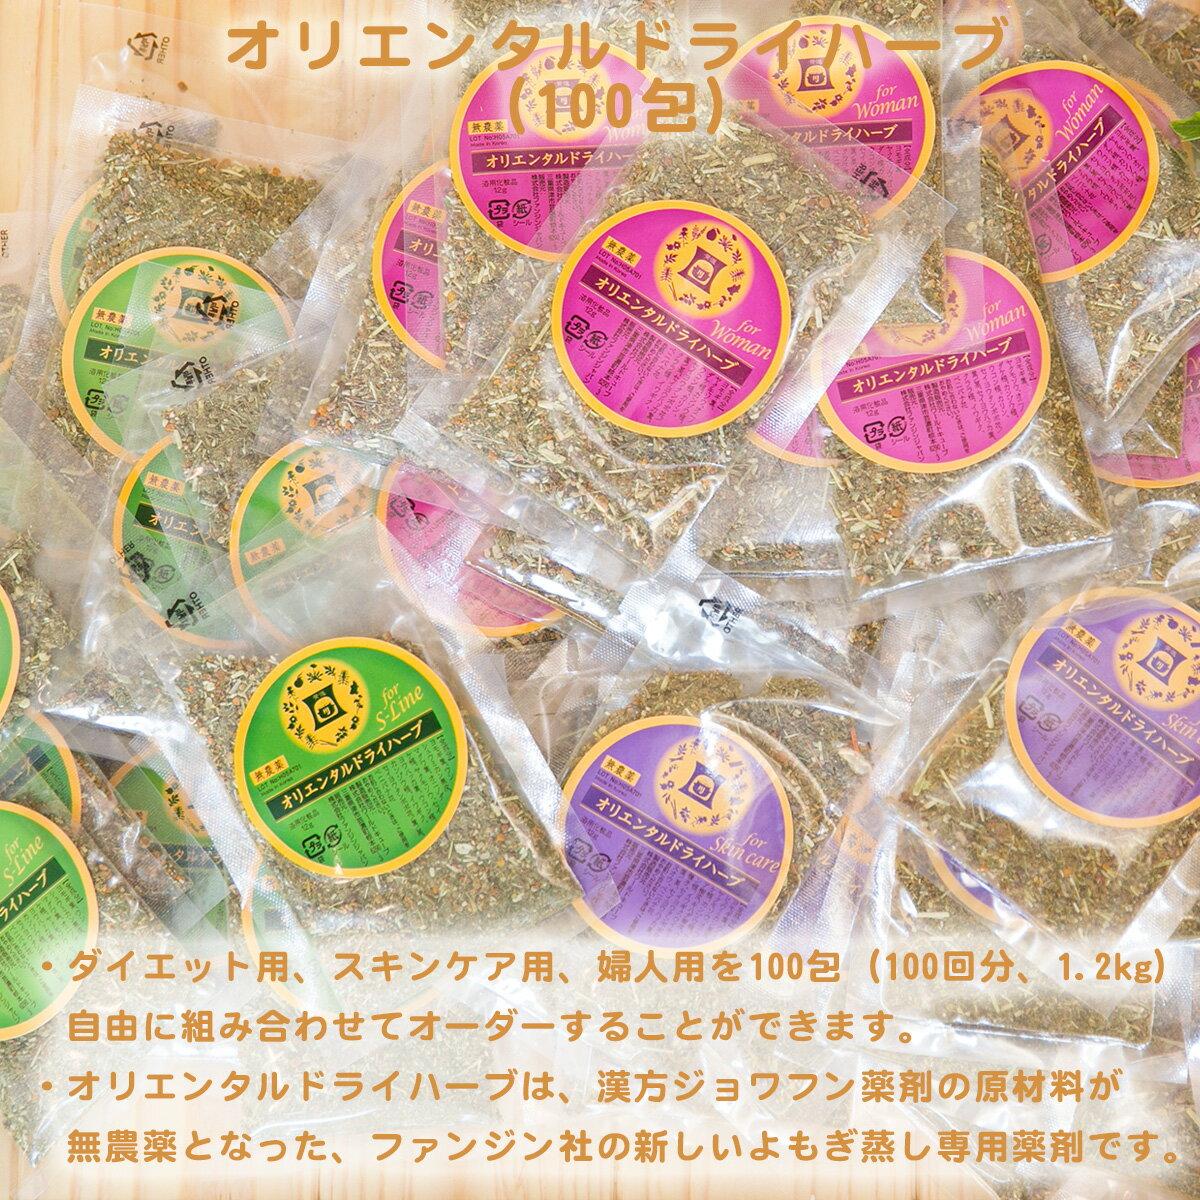 よもぎ蒸し 無農薬 ファンジン オリエンタルドライハーブ 12g 100包 ヨモギ蒸し専用座浴剤(旧 漢方ジョワフン薬剤 )